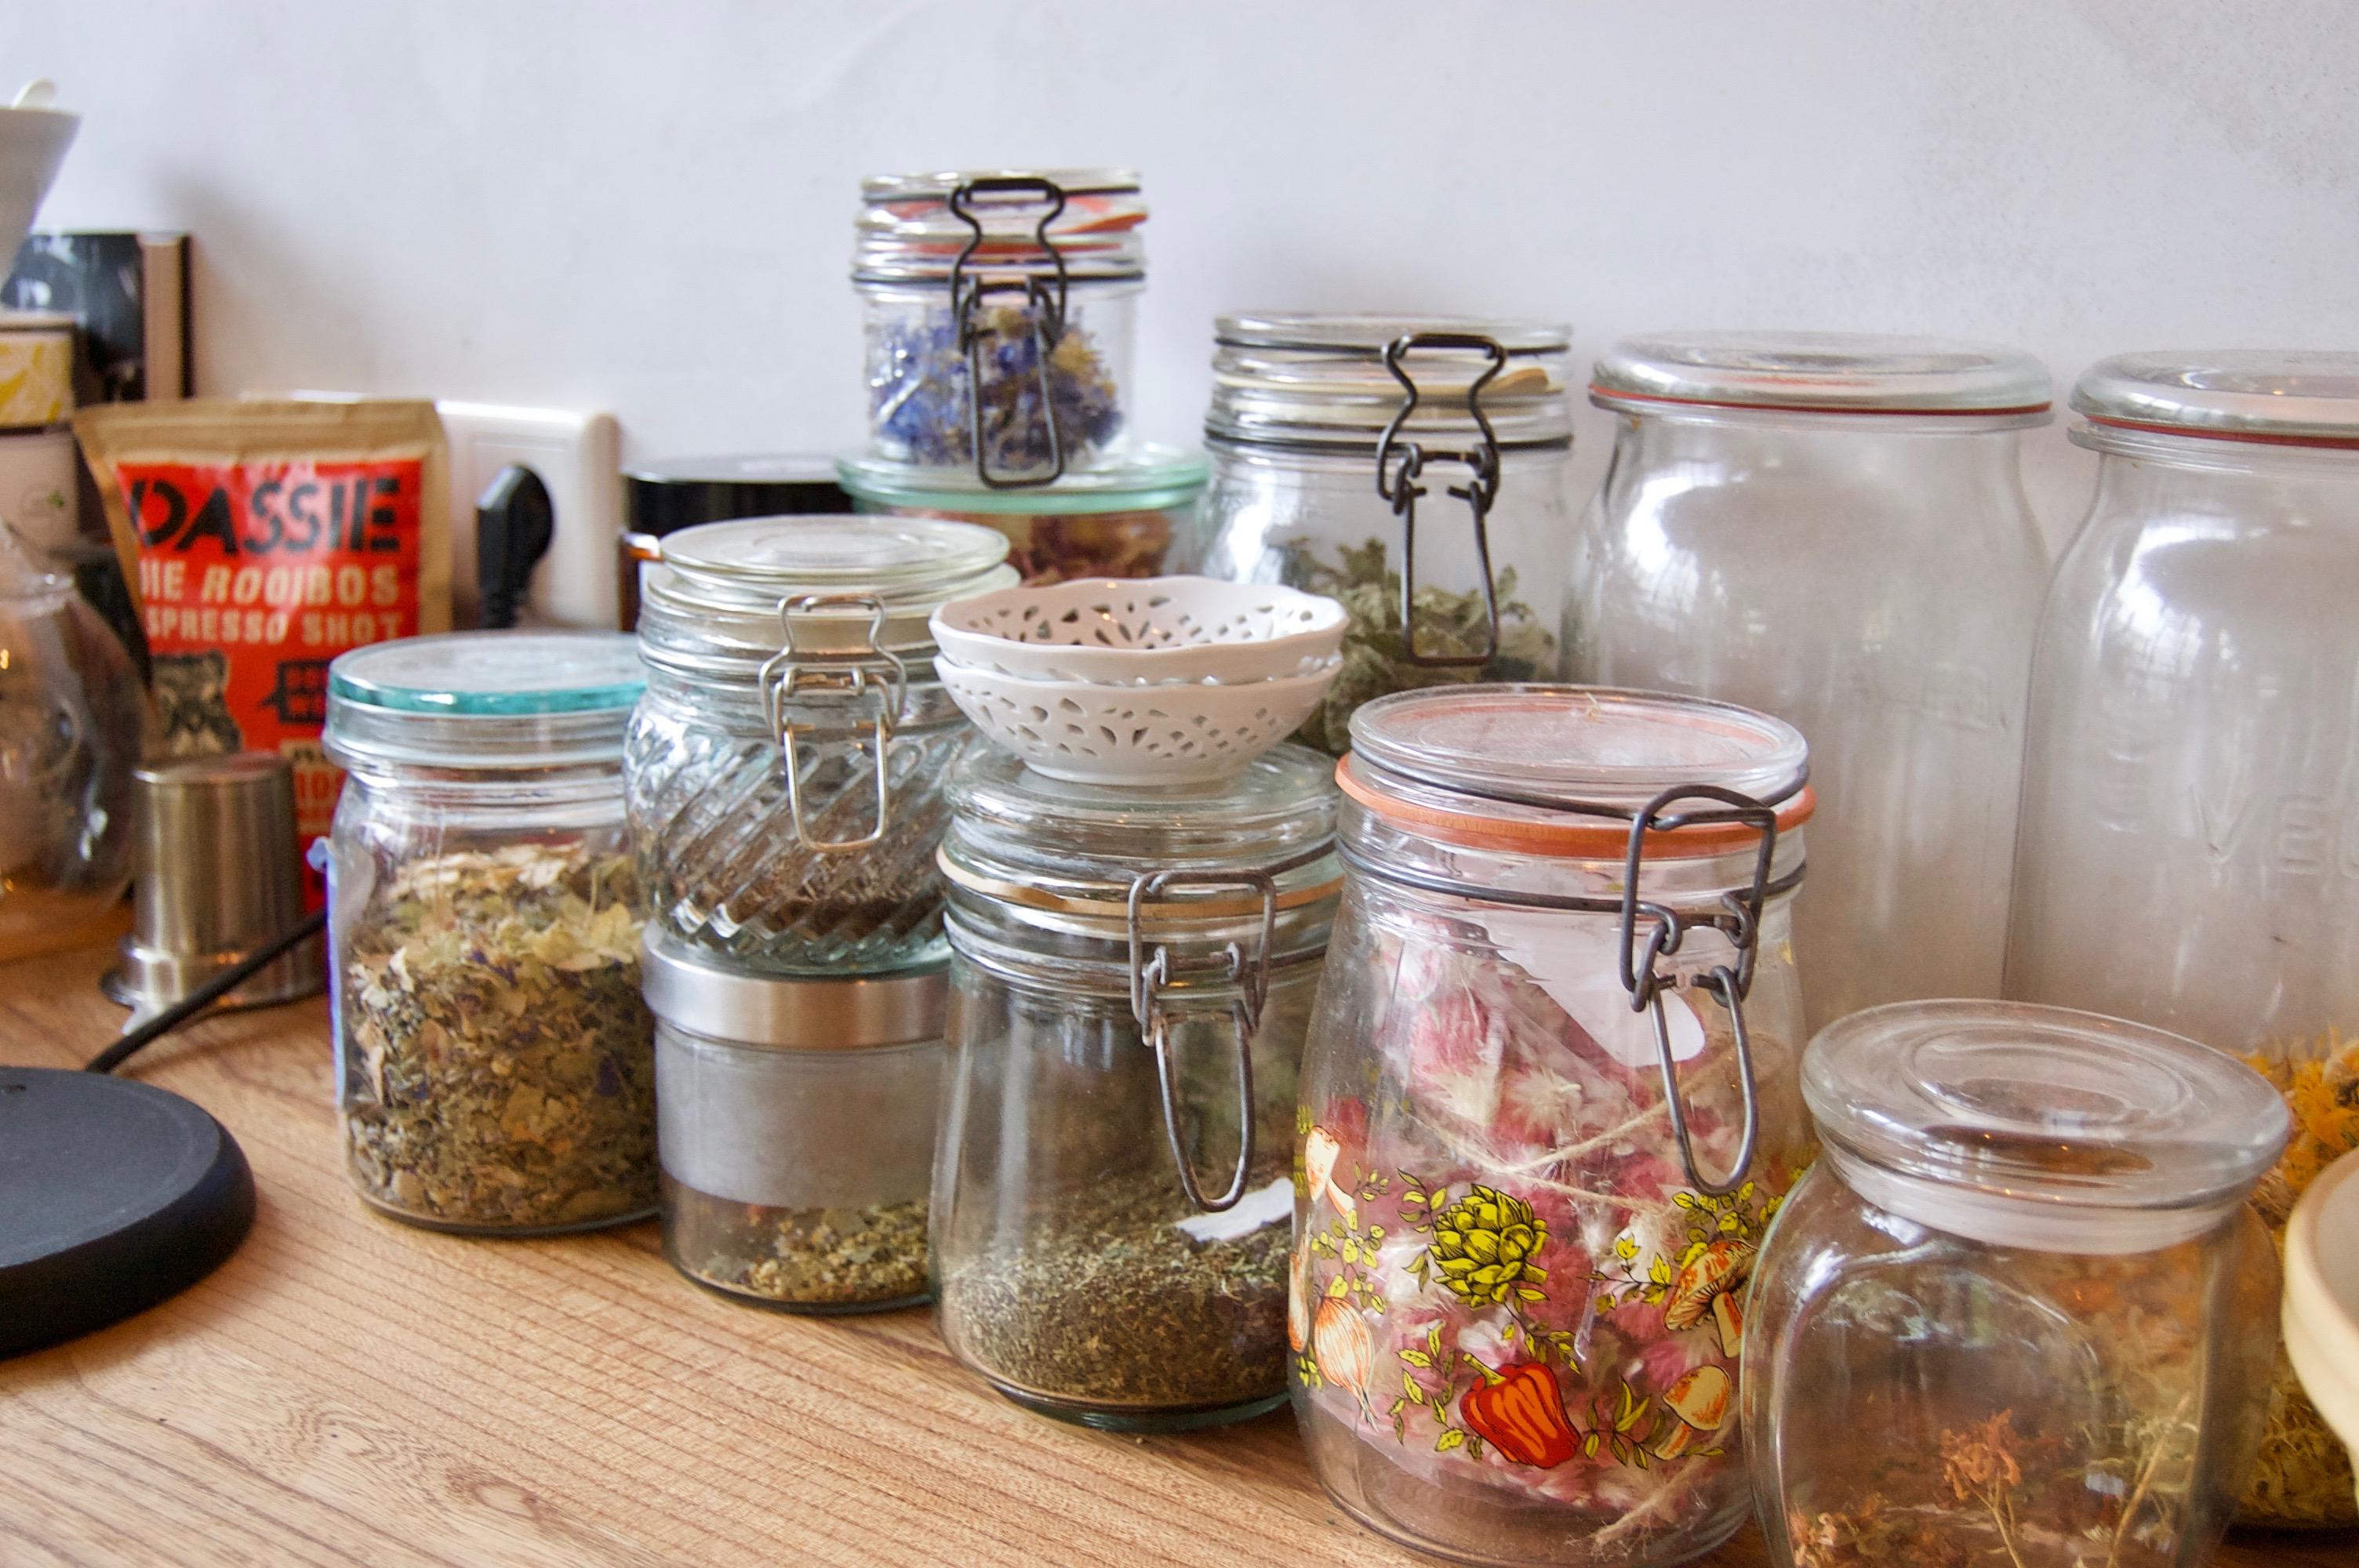 vegan keuken